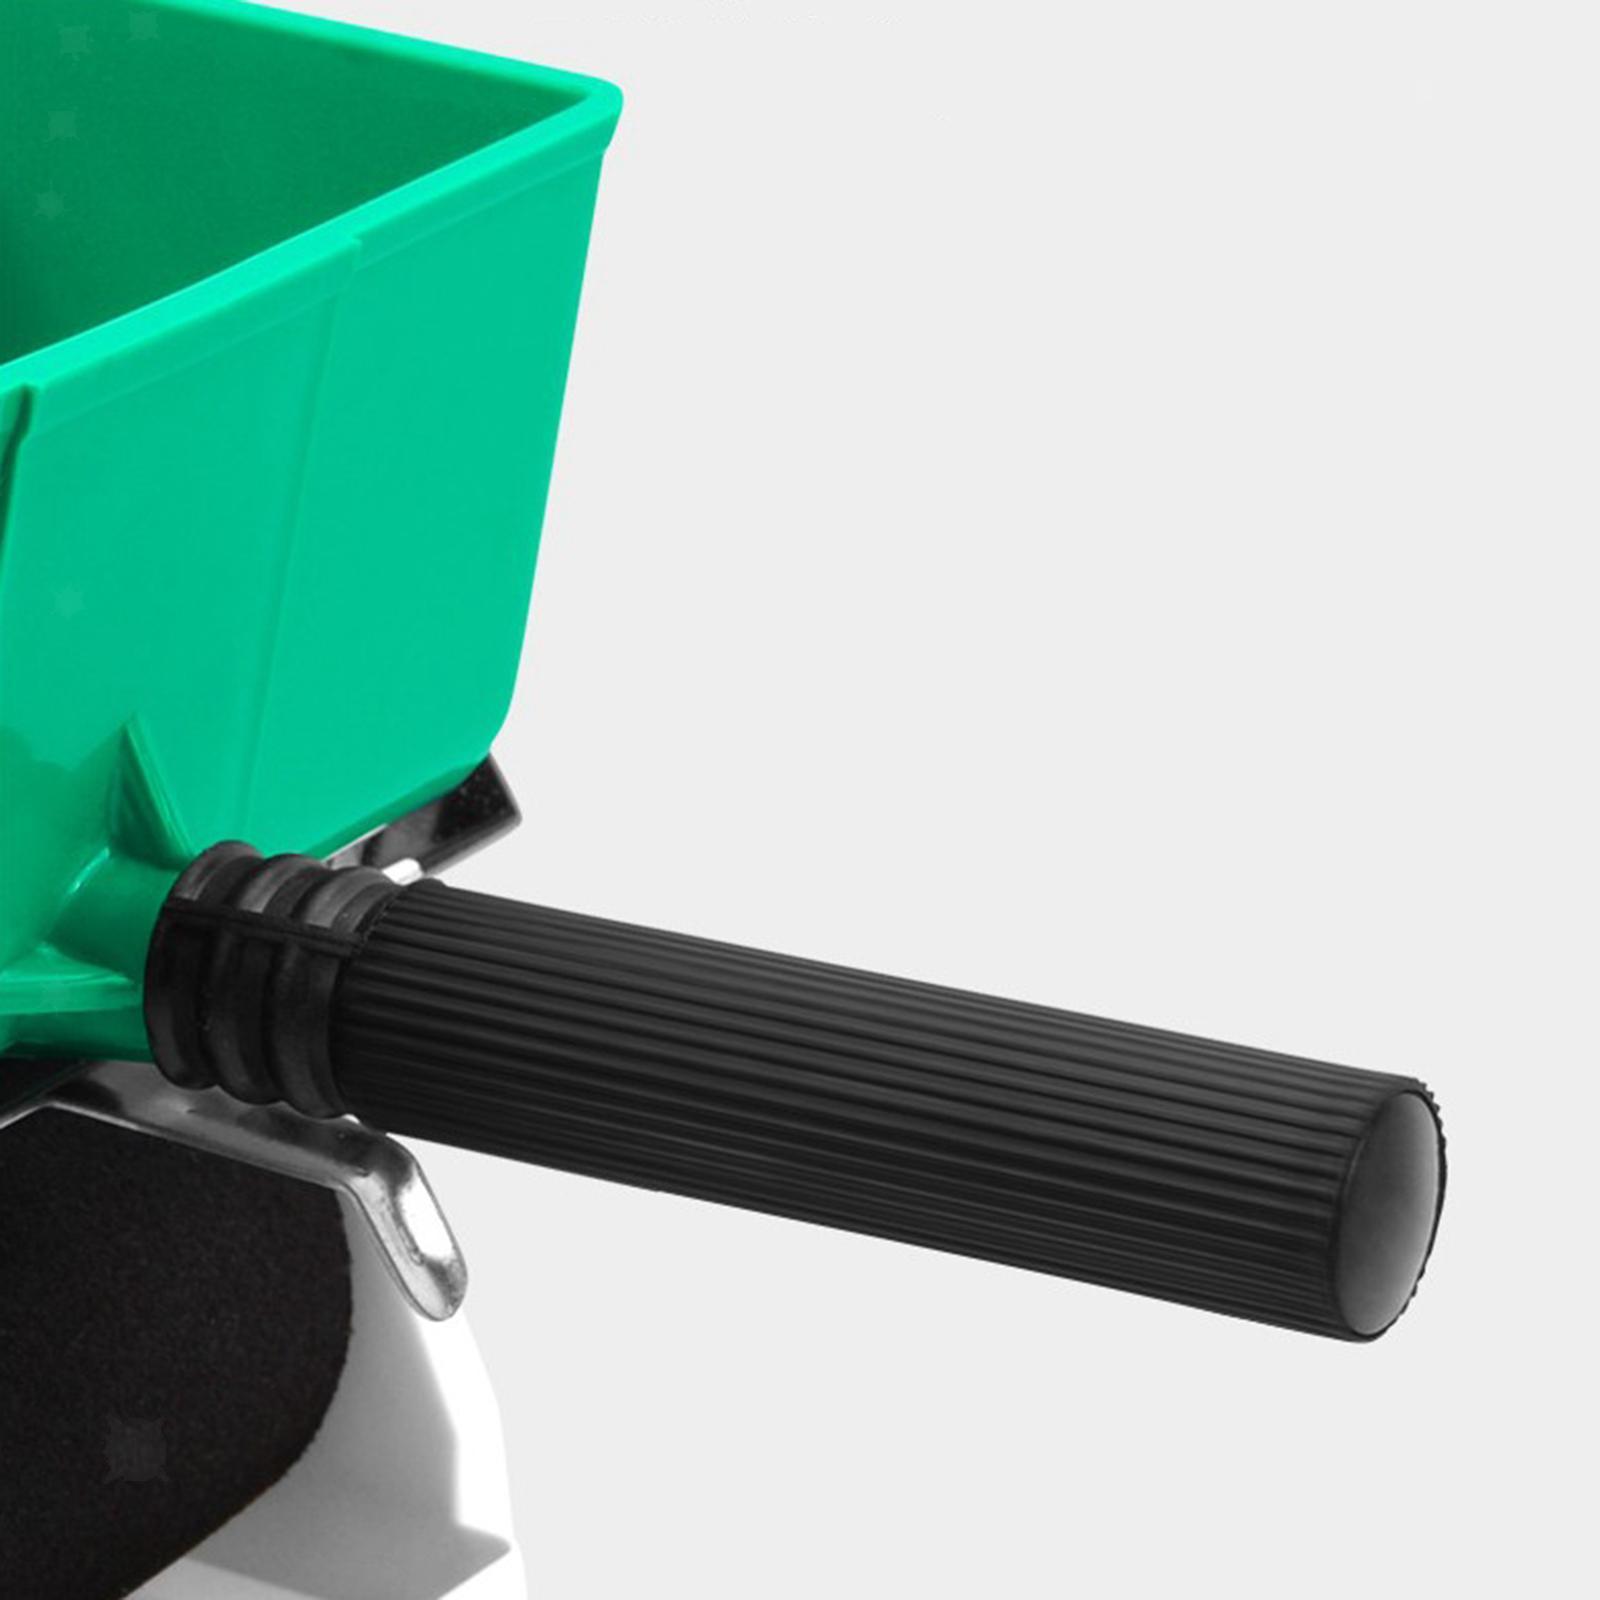 miniatura 38 - 180mL/320mL Portatile Colla Applicatore Rullo Professionale Rivestito Colla